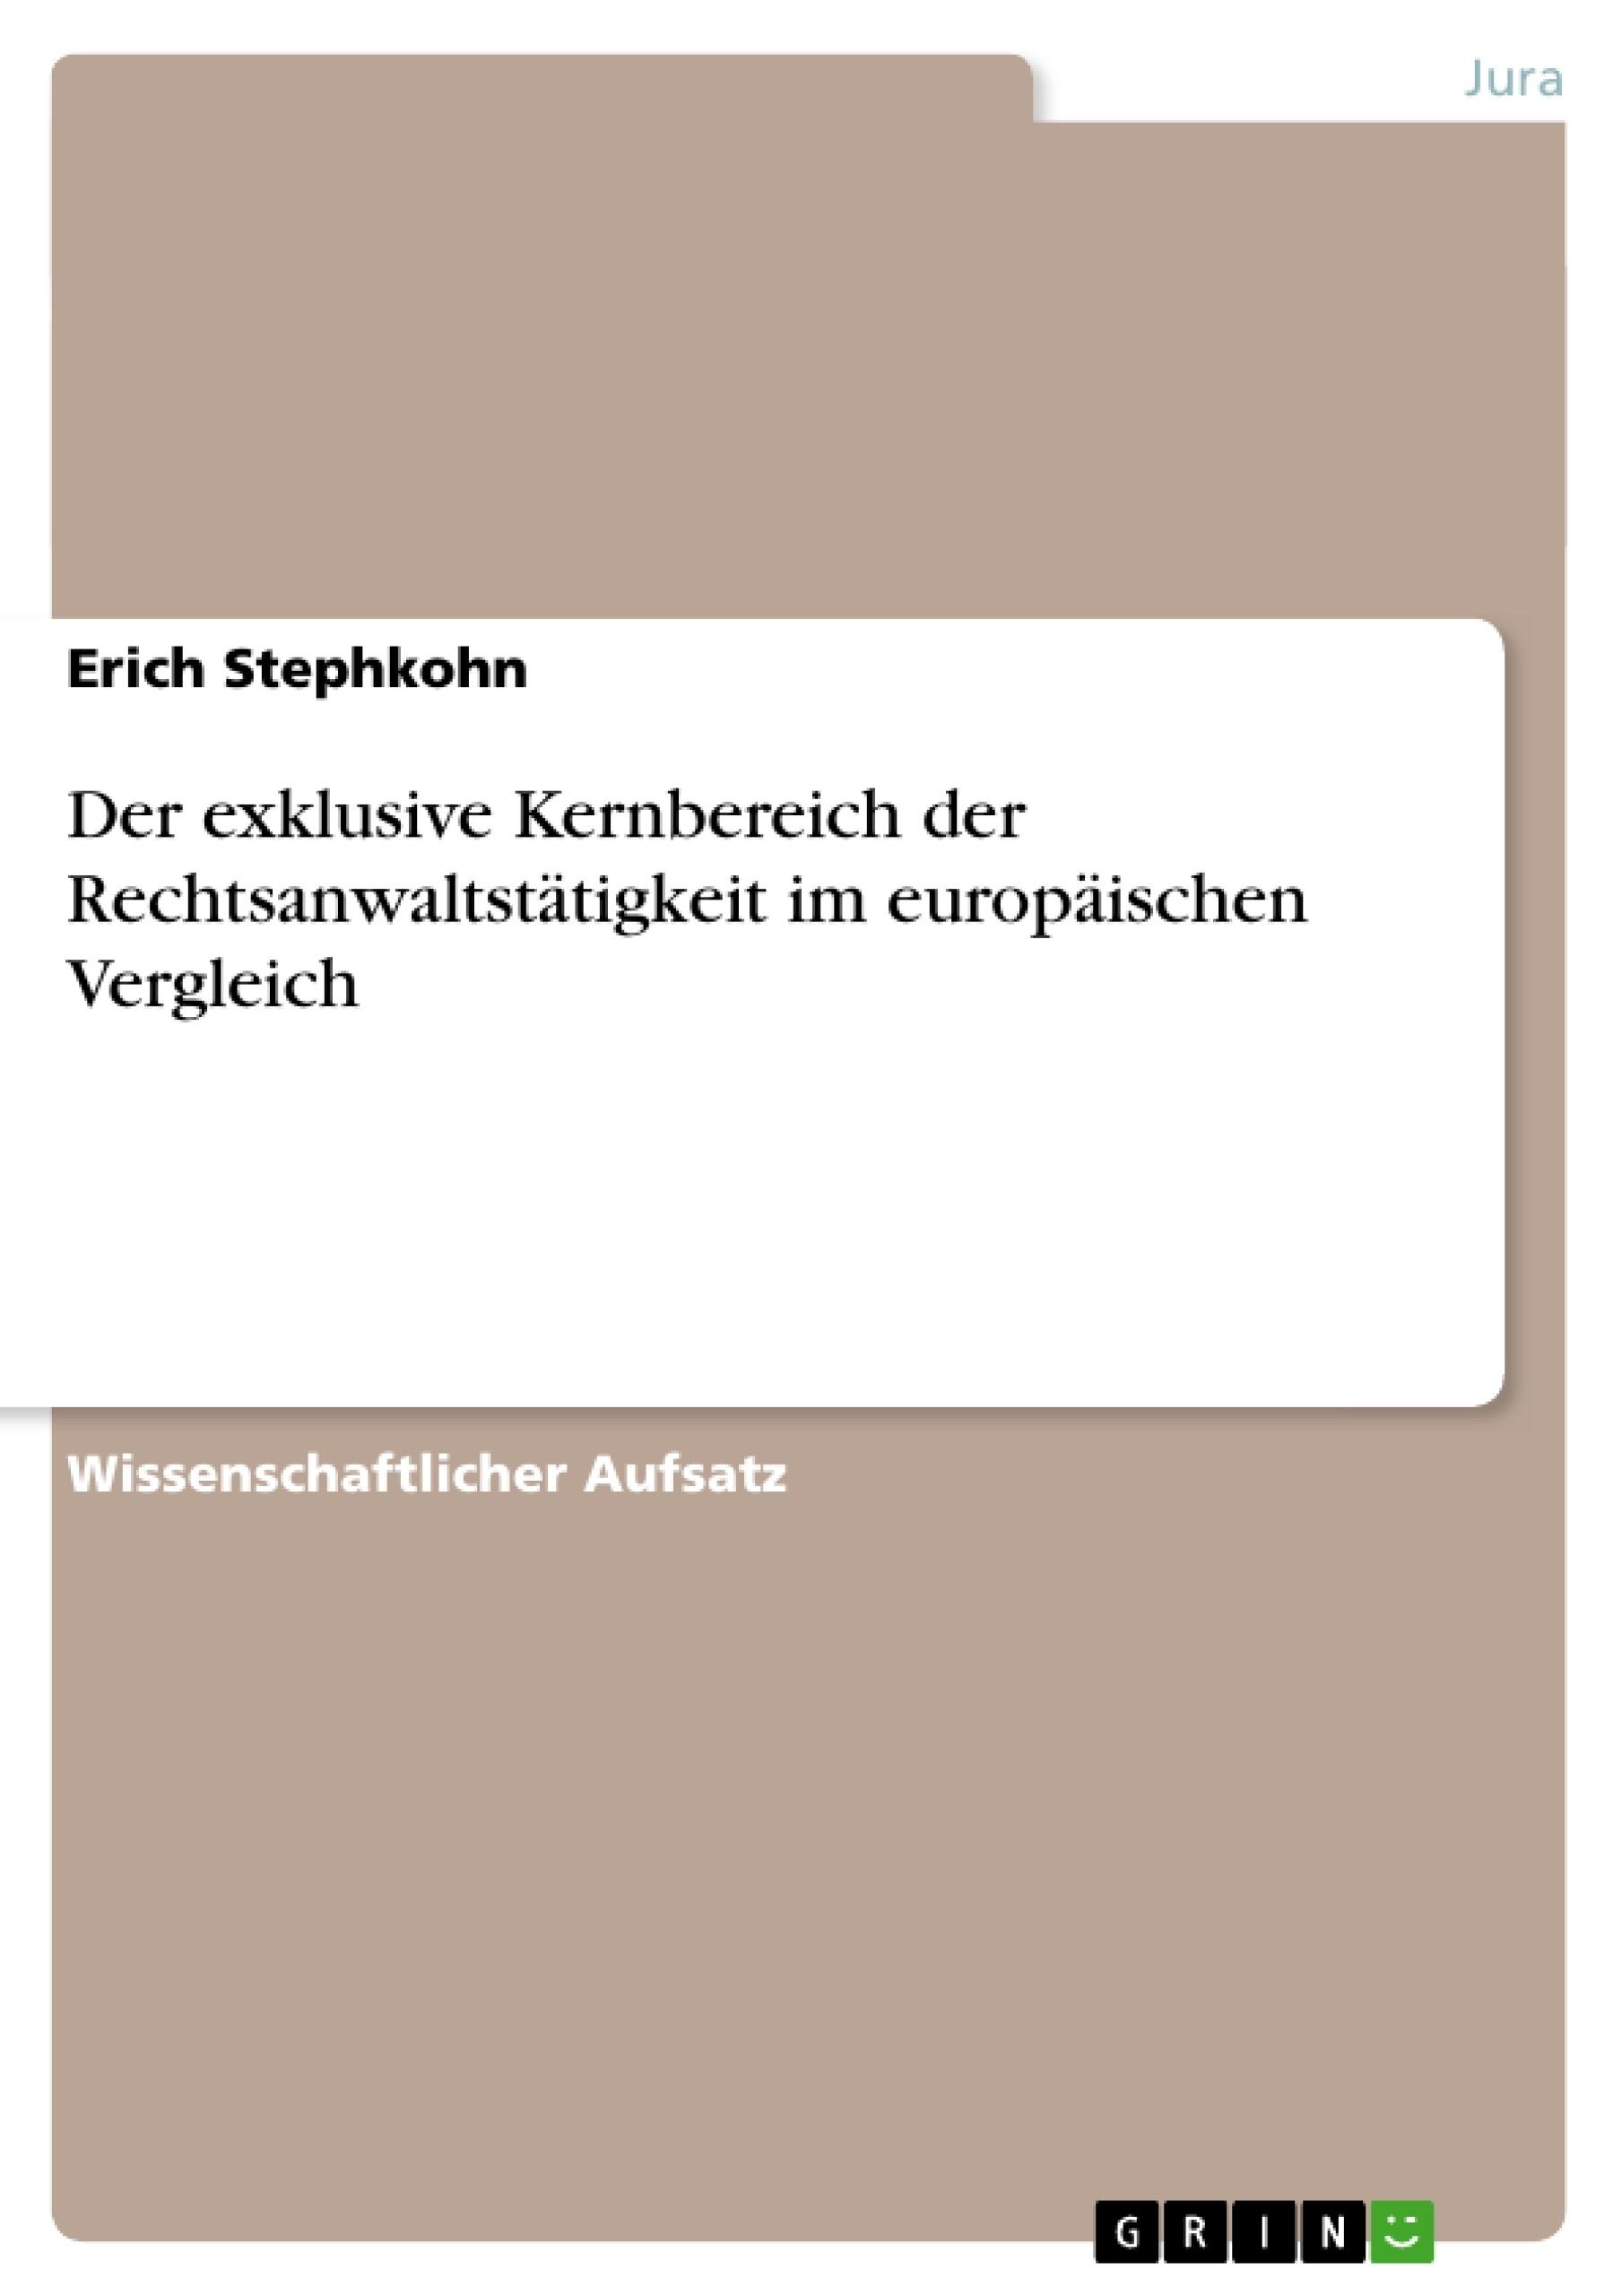 Titel: Der exklusive Kernbereich der Rechtsanwaltstätigkeit im europäischen Vergleich